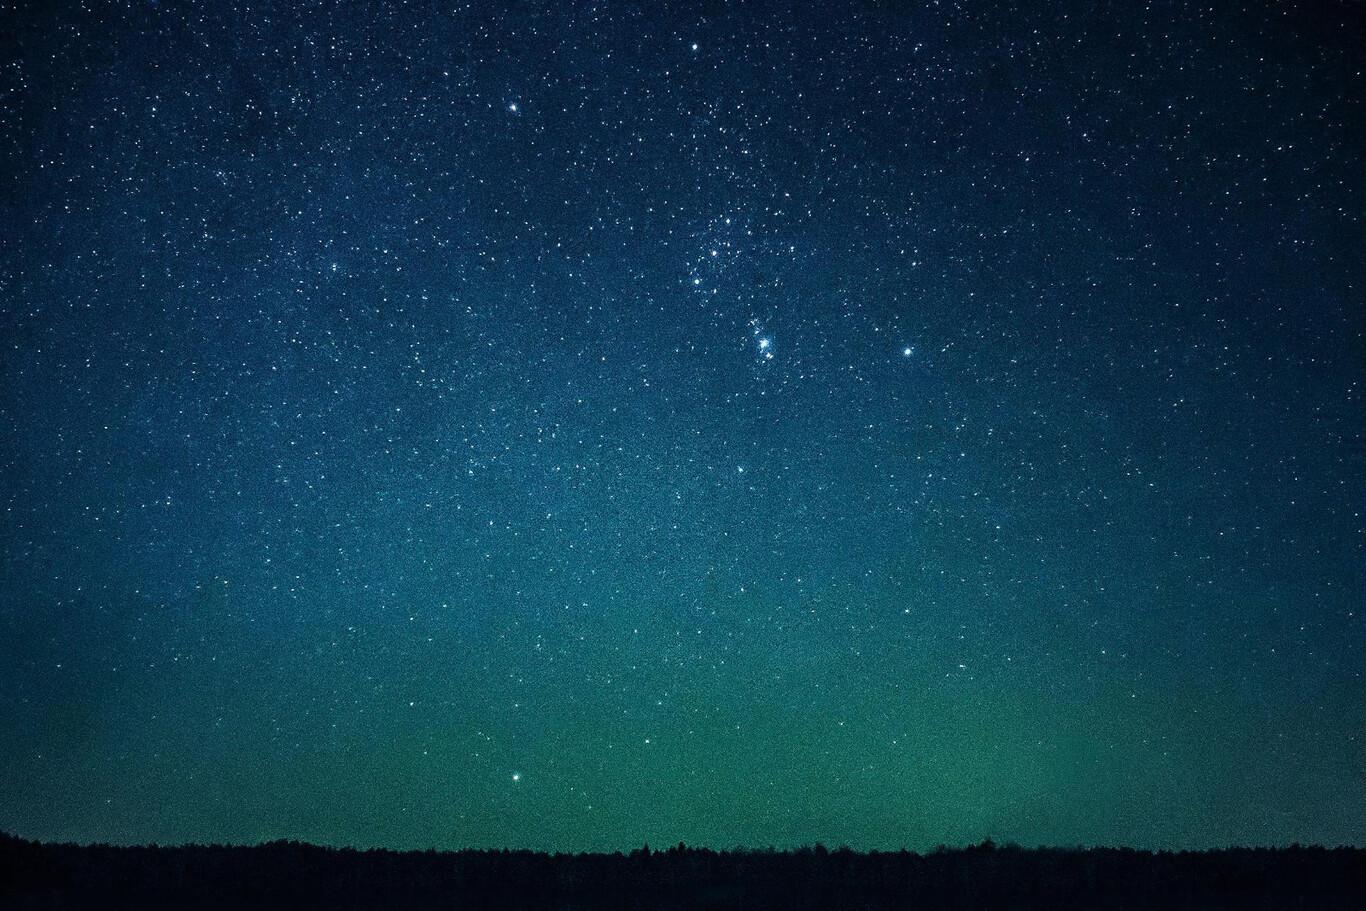 Cómo ver y fotografiar la estrella de Belén que puede verse esta Navidad (después de 800 años)